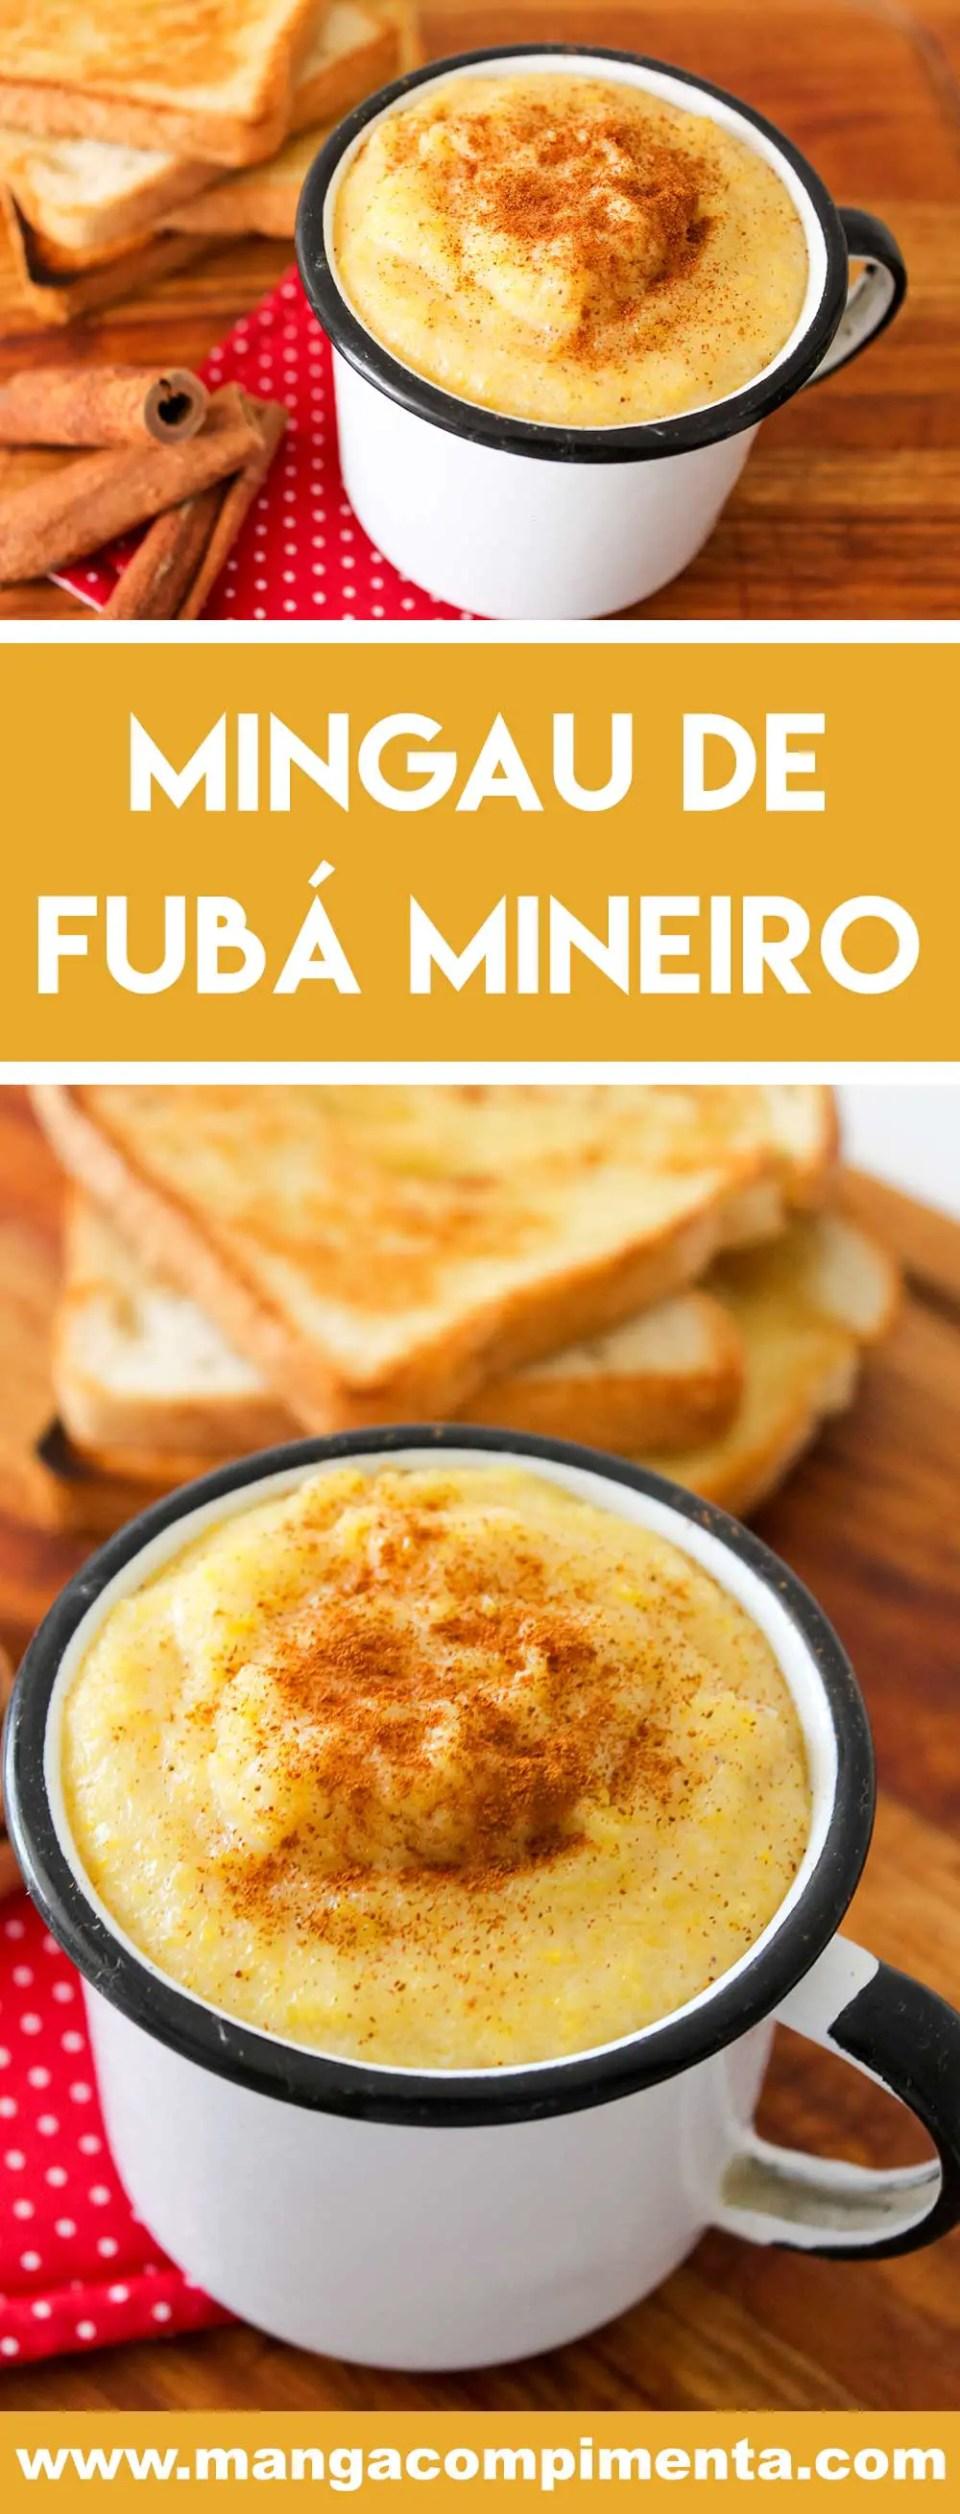 Receita de Mingau de Fubá Mineiro - prepare para os dias frios ou para servir nas festas Junina ou Julina.